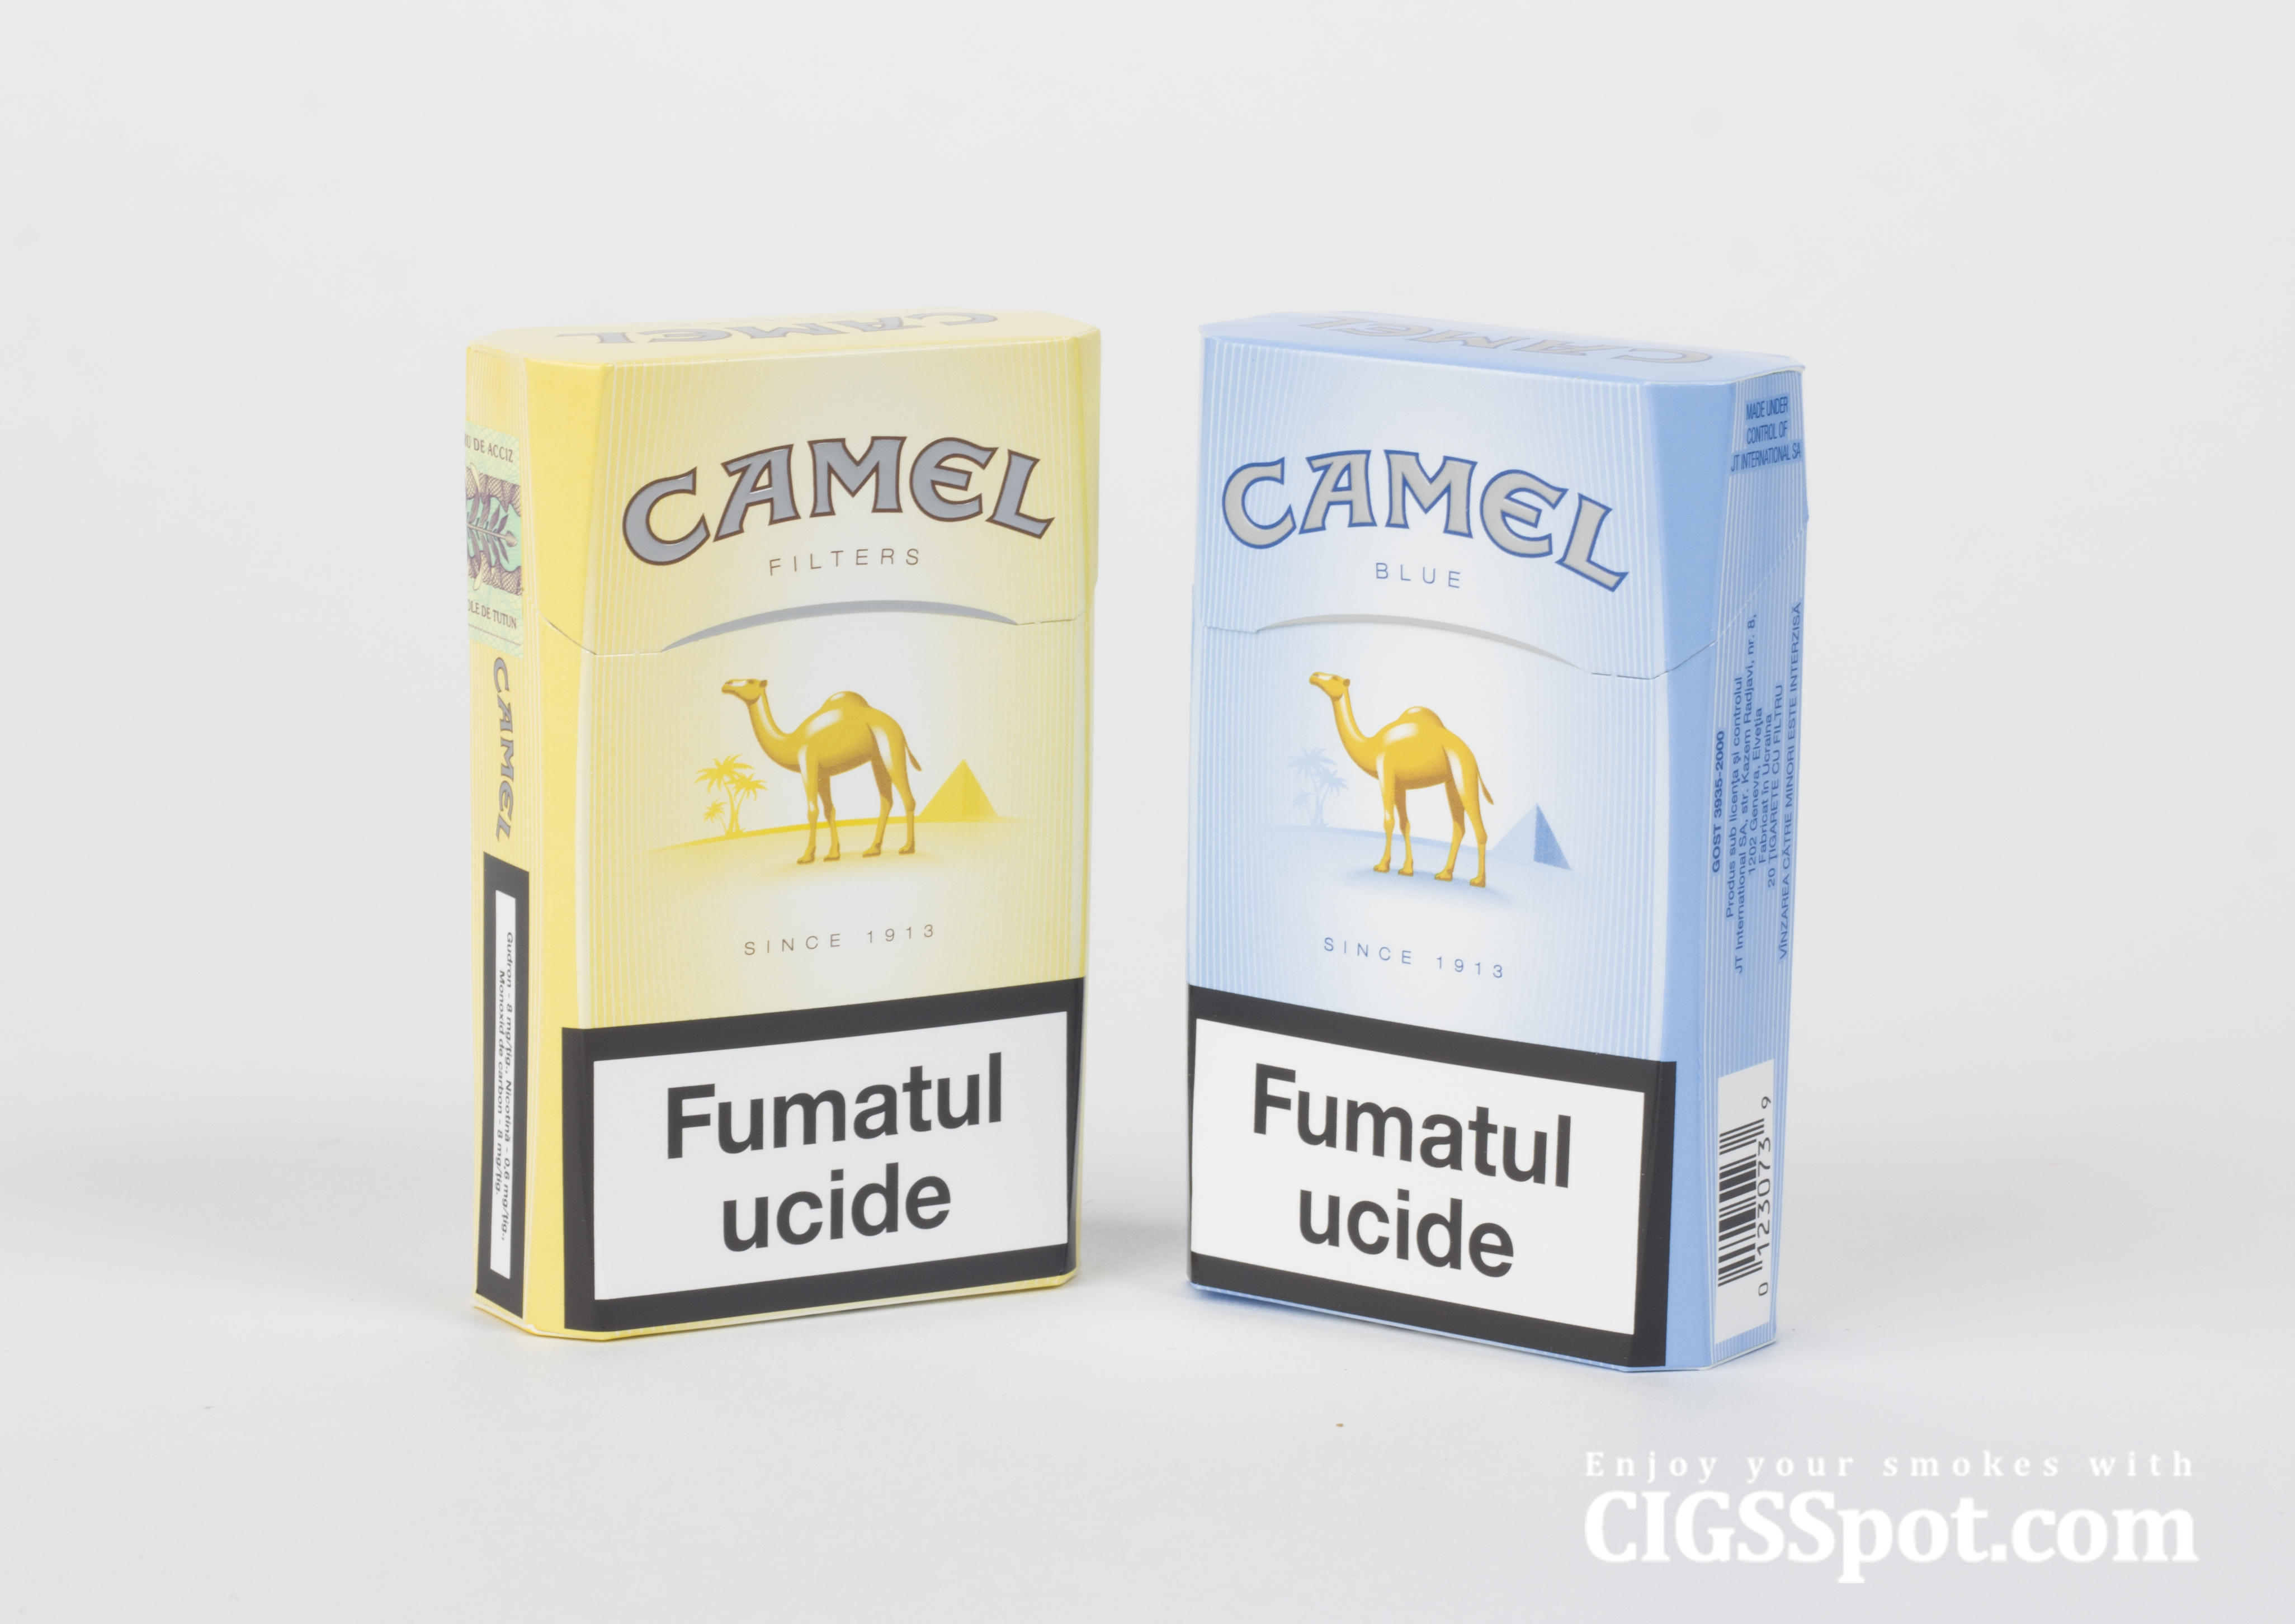 Camel Cigarettes